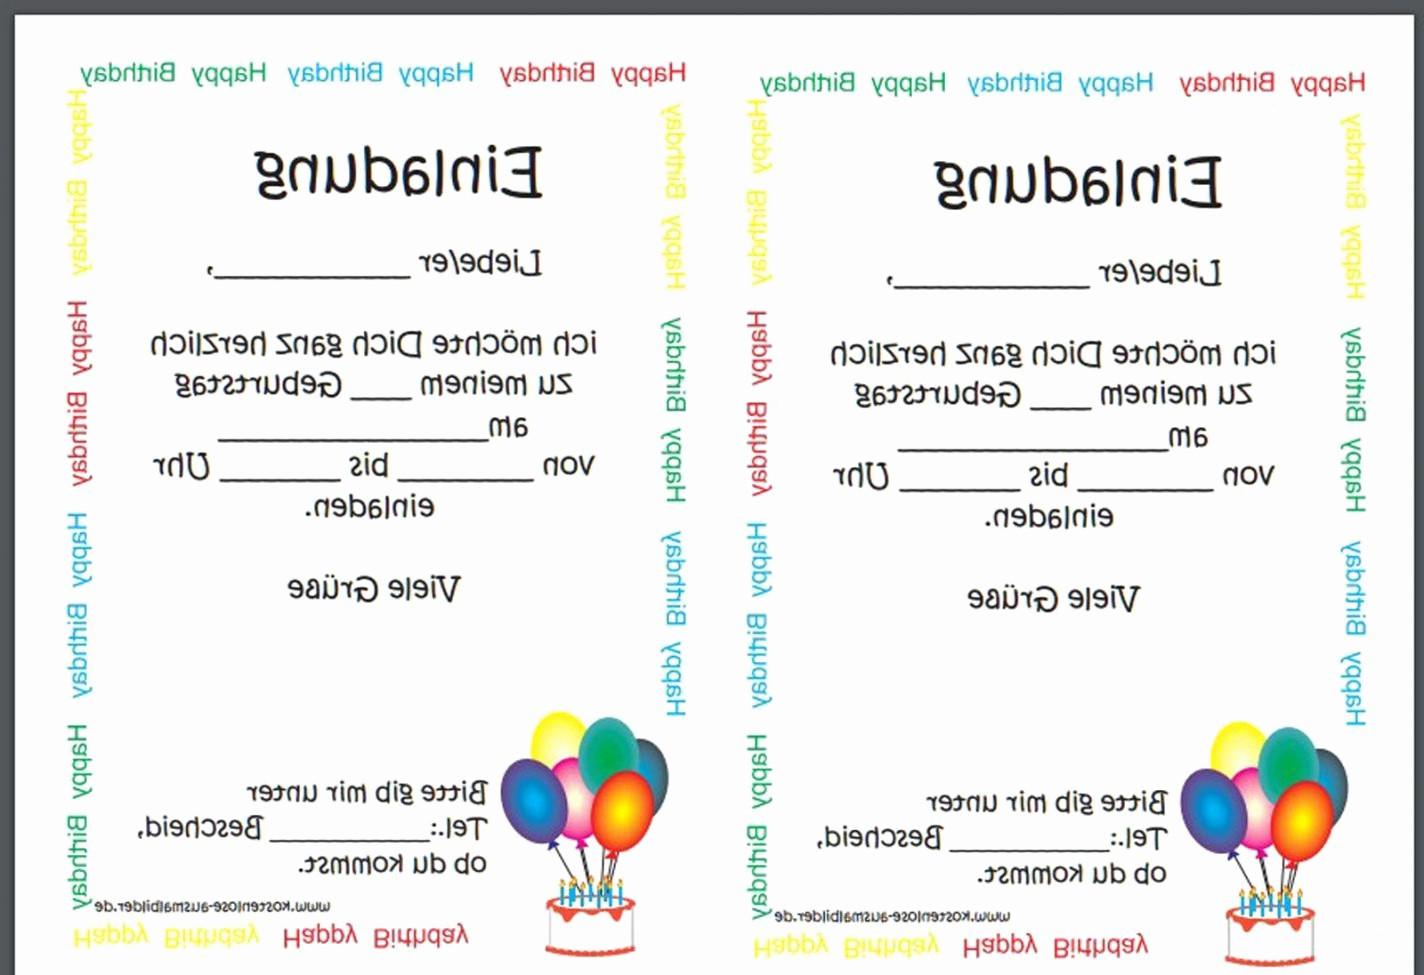 Geburtstagskarte Ausdrucken Kostenlos Neu 20 Lecker Ausmalbilder Drucken – Malvorlagen Ideen Galerie